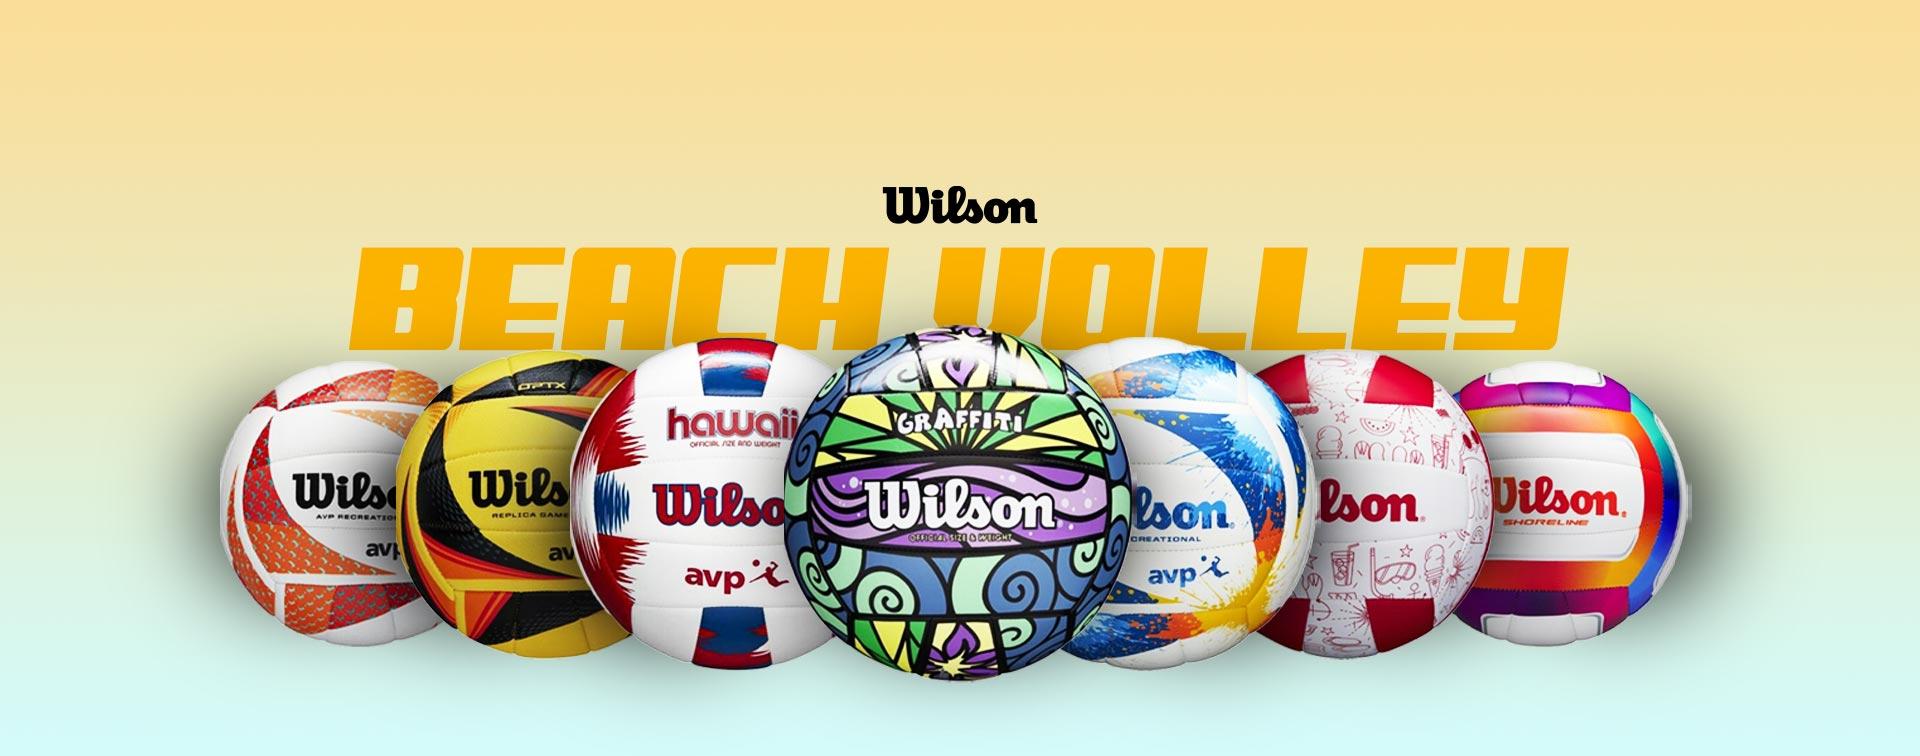 Beach Volley Wilson